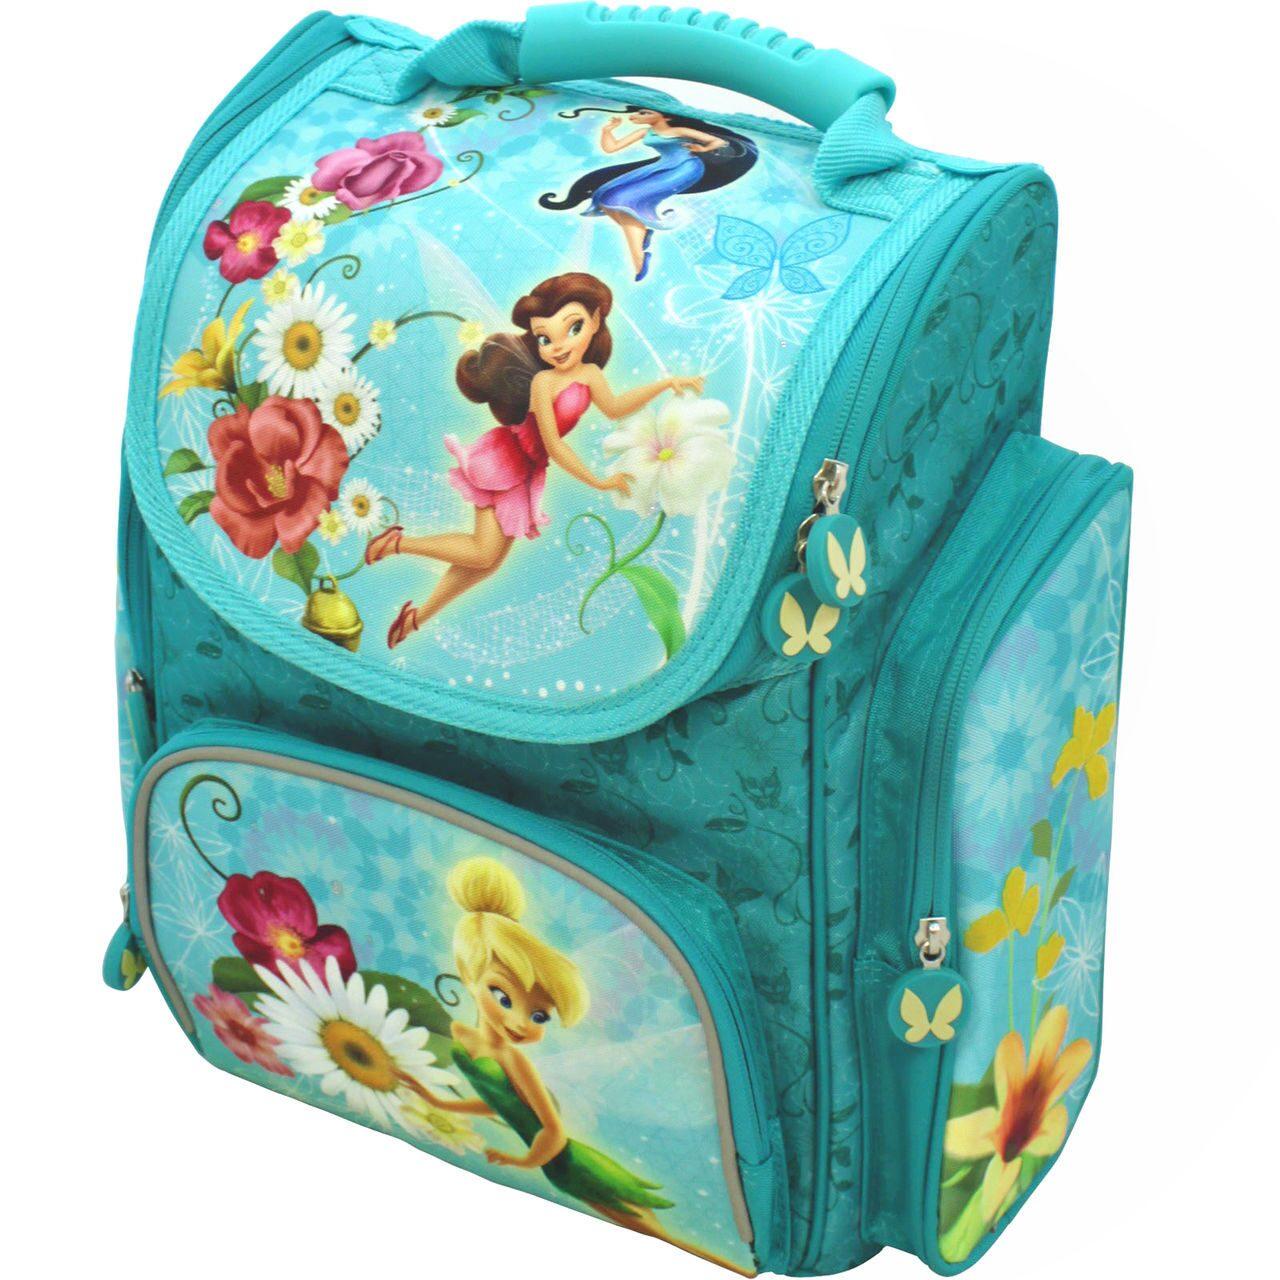 Дисней школьные рюкзаки рюкзак samsonite pro-dlx 3 v84 013